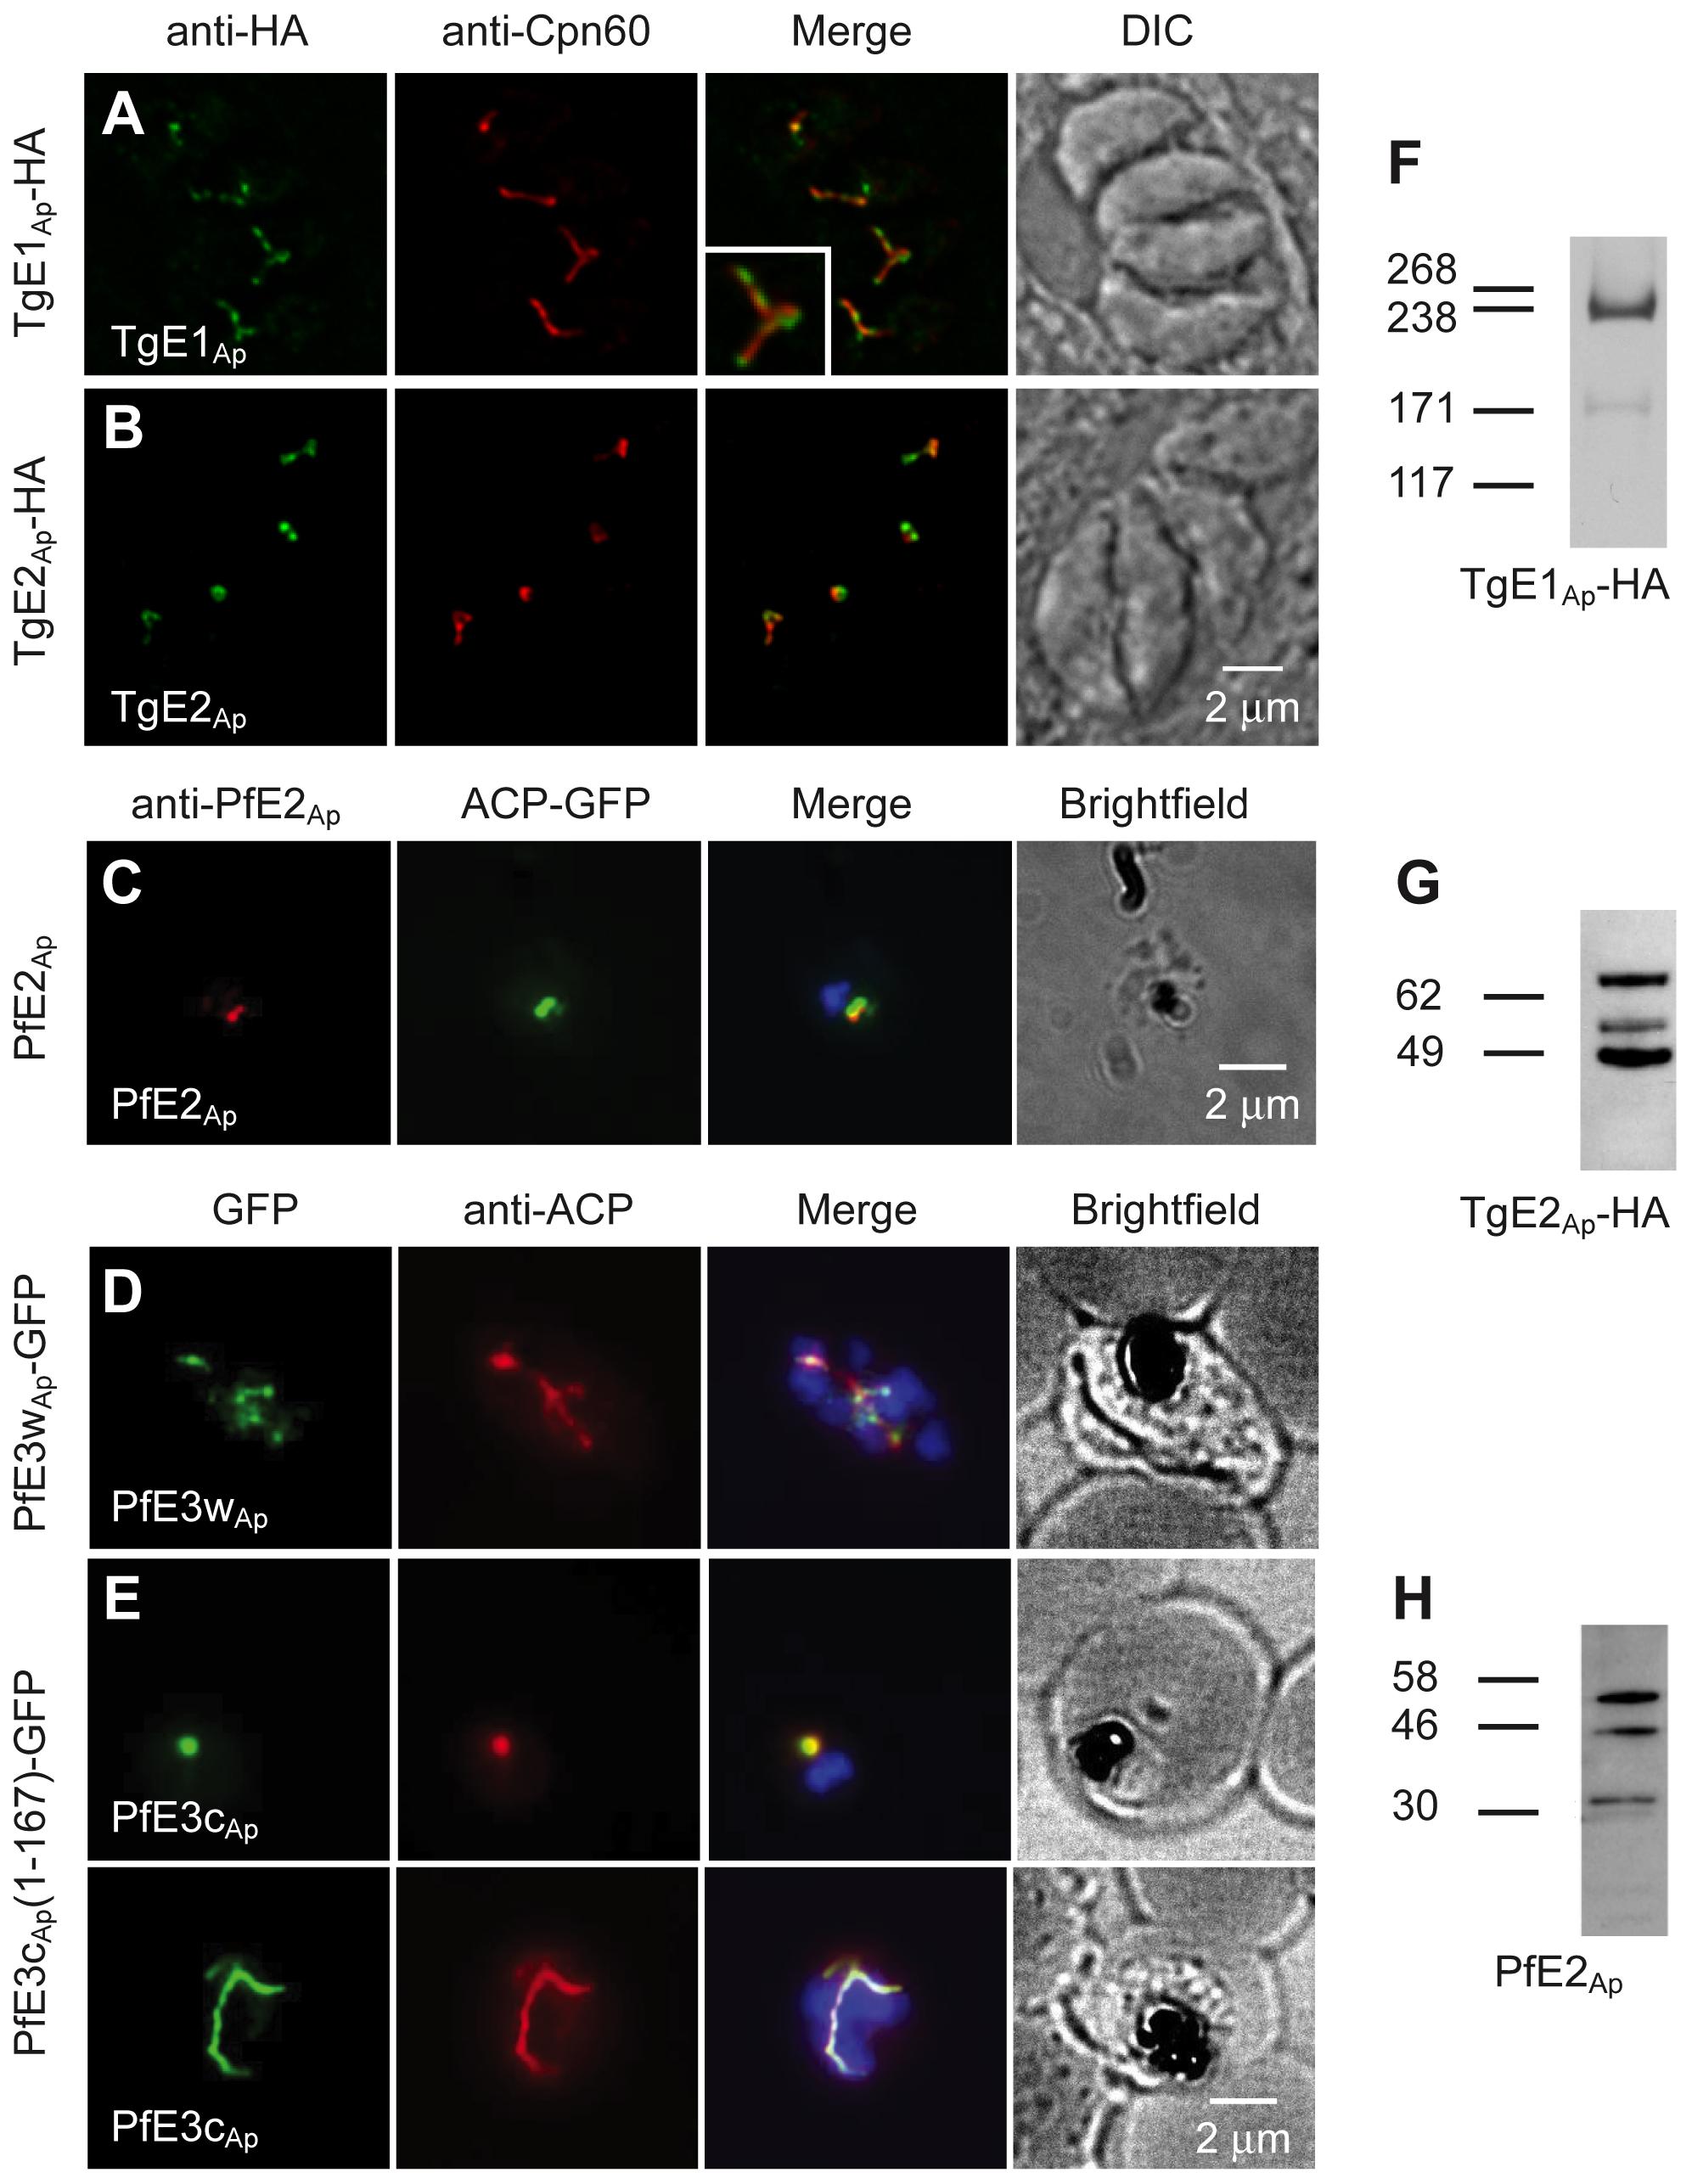 Ubiquitylation proteins localize to the apicoplast in <i>Plasmodium falciparum</i> and <i>Toxoplasma gondii</i>.